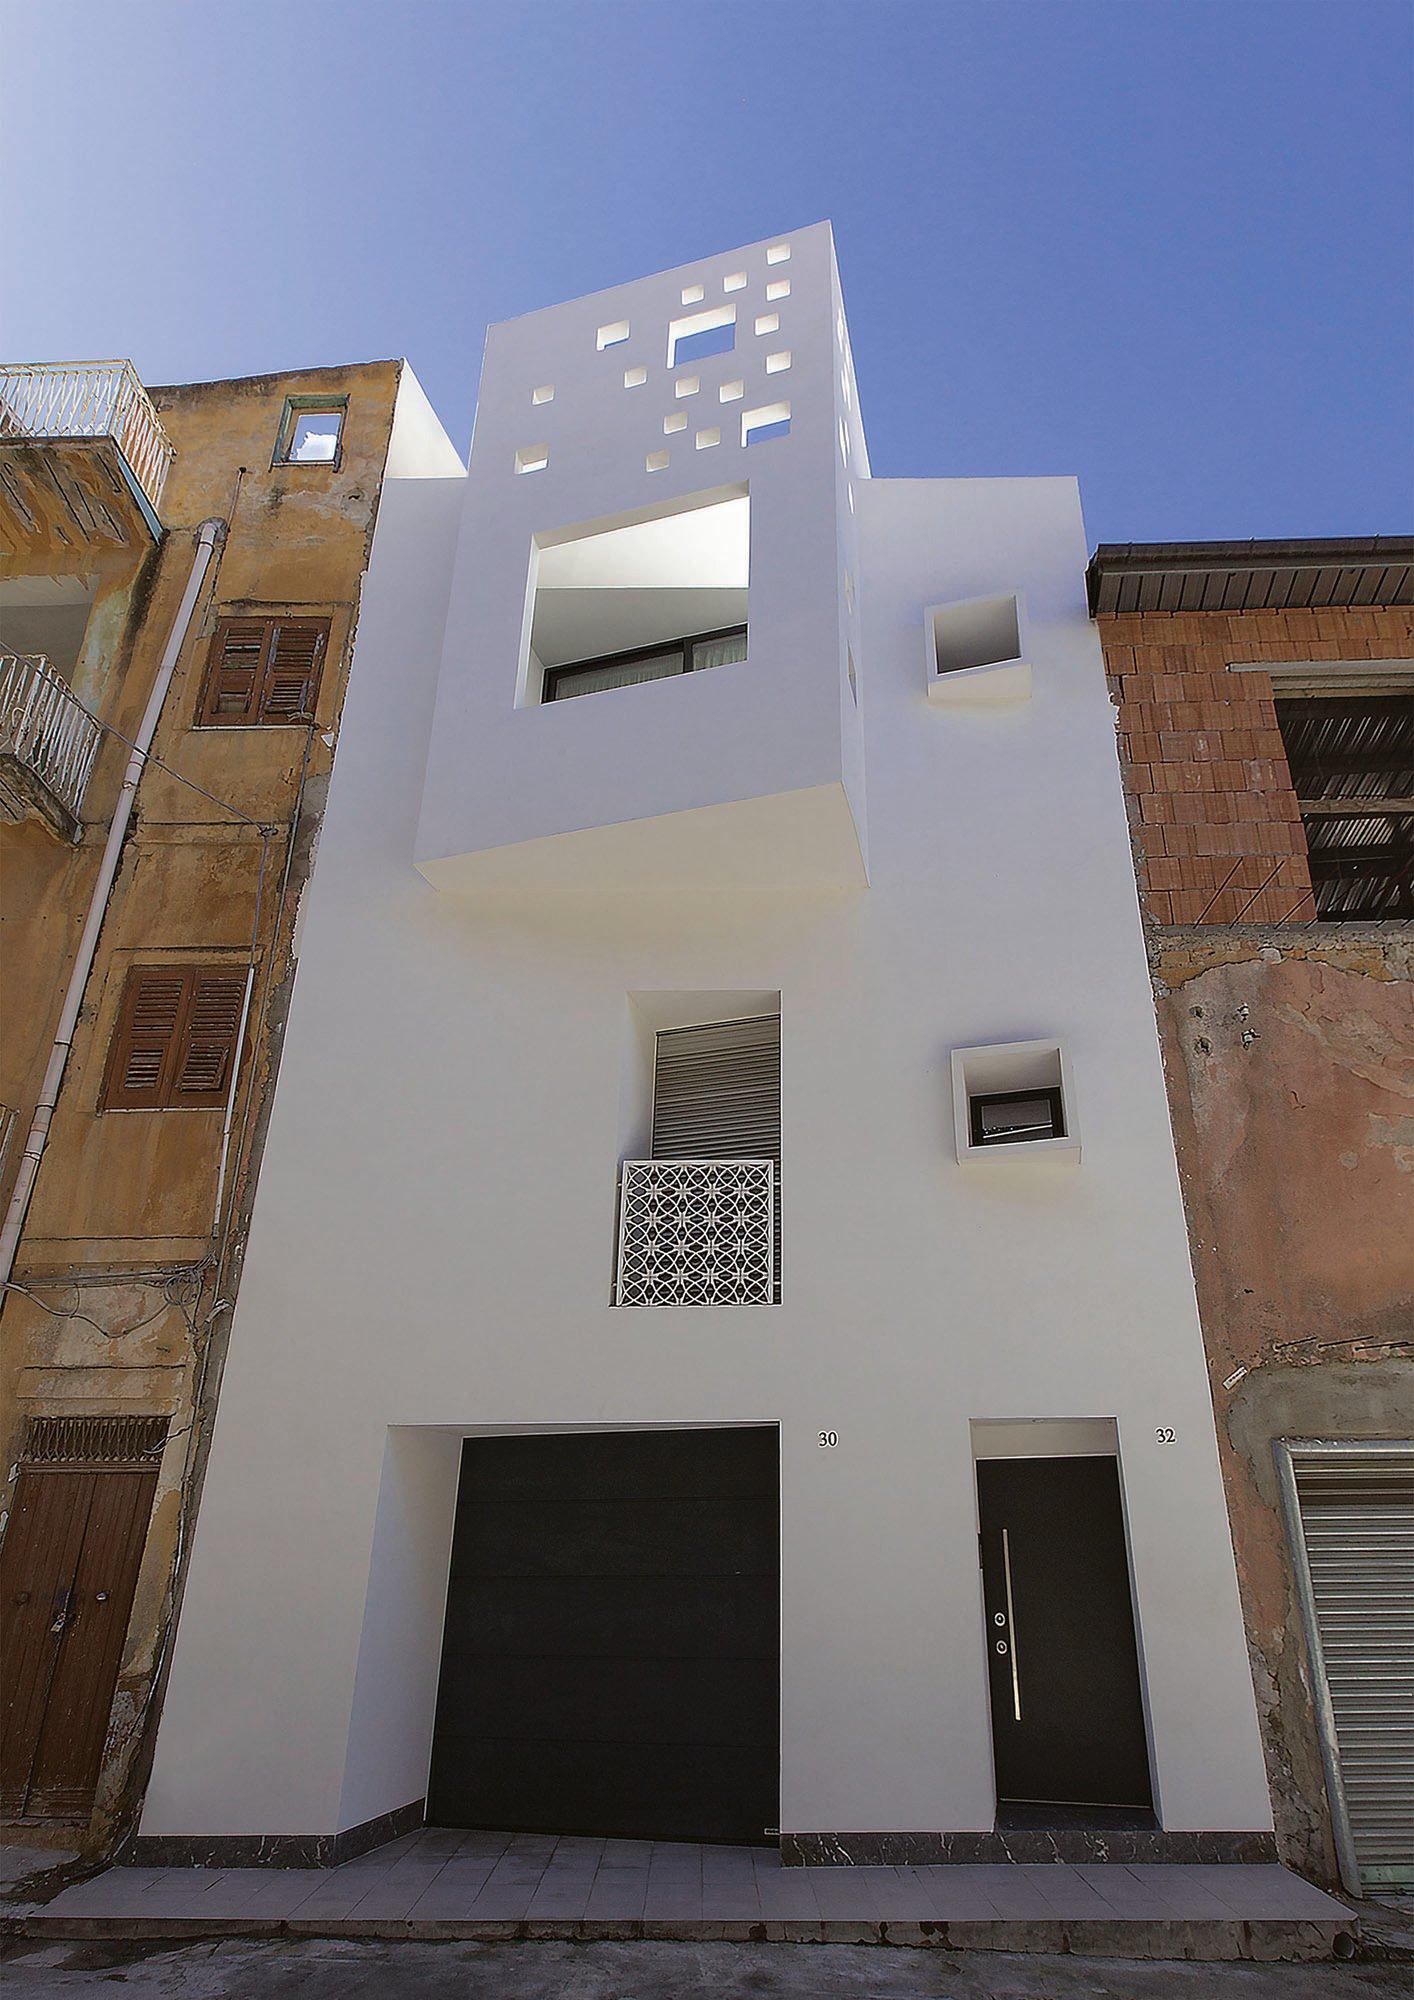 Casa Farace: quality and expressivity